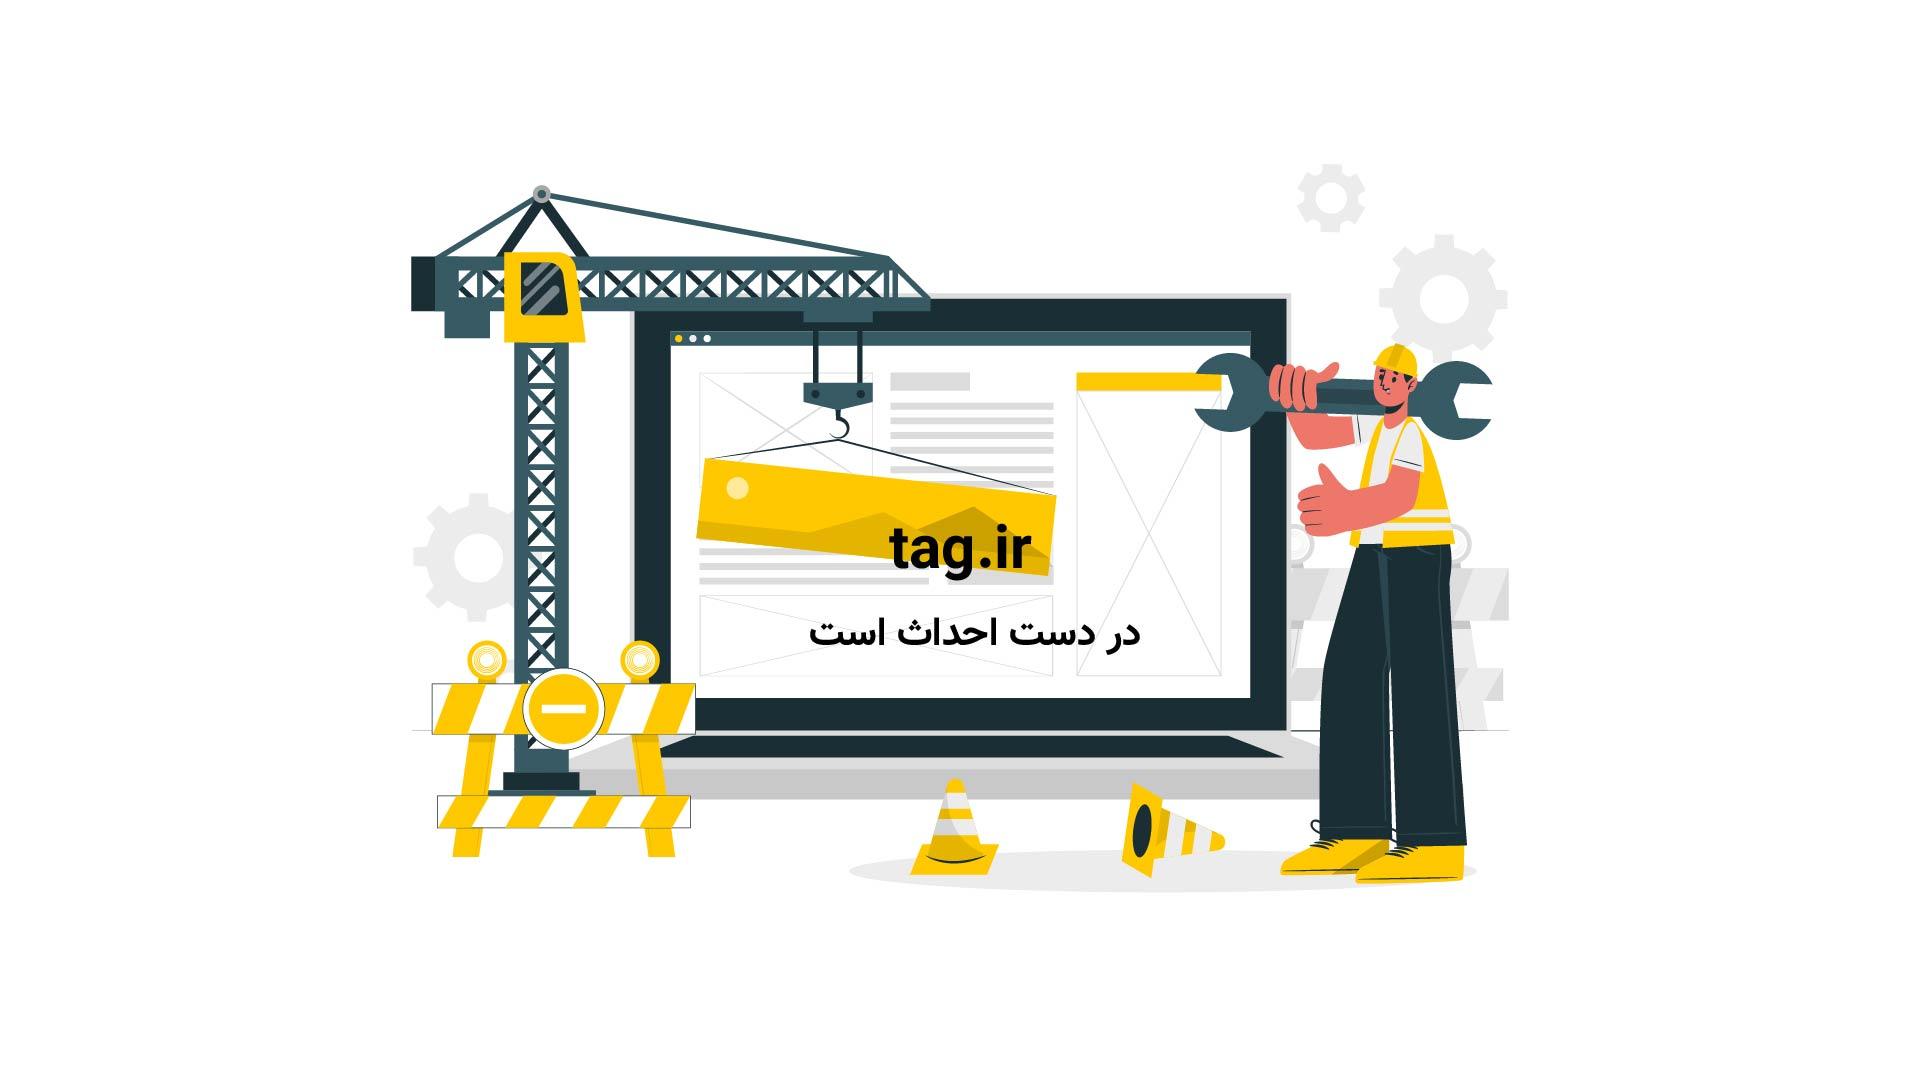 آموزش ساخت دونه برف با استفاده از چسب تفنگی | فیلم